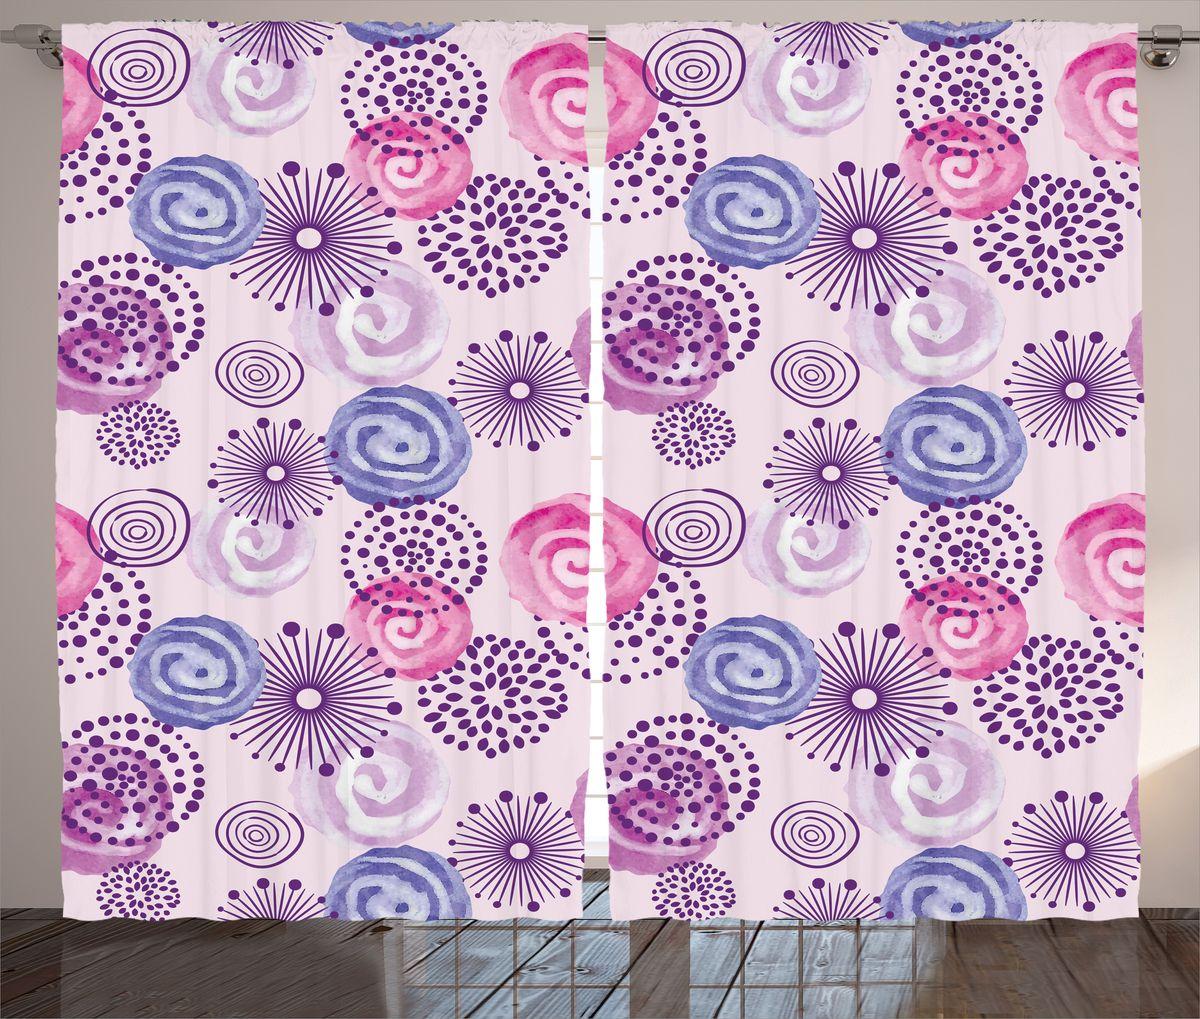 Комплект фотоштор Magic Lady Узор с цветными завитками, на ленте, высота 265 см. шсг_168062615S540JAКомпания Сэмболь изготавливает шторы из высококачественного сатена (полиэстер 100%). При изготовлении используются специальные гипоаллергенные чернила для прямой печати по ткани, безопасные для человека и животных. Экологичность продукции Magic lady и безопасность для окружающей среды подтверждены сертификатом Oeko-Tex Standard 100. Крепление: крючки для крепления на шторной ленте (50 шт). Возможно крепление на трубу. Внимание! При нанесении сублимационной печати на ткань технологическим методом при температуре 240°С, возможно отклонение полученных размеров (указанных на этикетке и сайте) от стандартных на + - 3-5 см. Производитель старается максимально точно передать цвета изделия на фотографиях, однако искажения неизбежны и фактический цвет изделия может отличаться от воспринимаемого по фото. Обратите внимание! Шторы изготовлены из полиэстра сатенового переплетения, а не из сатина (хлопок). Размер одного полотна шторы: 145х265 см. В комплекте 2 полотна шторы и 50 крючков.